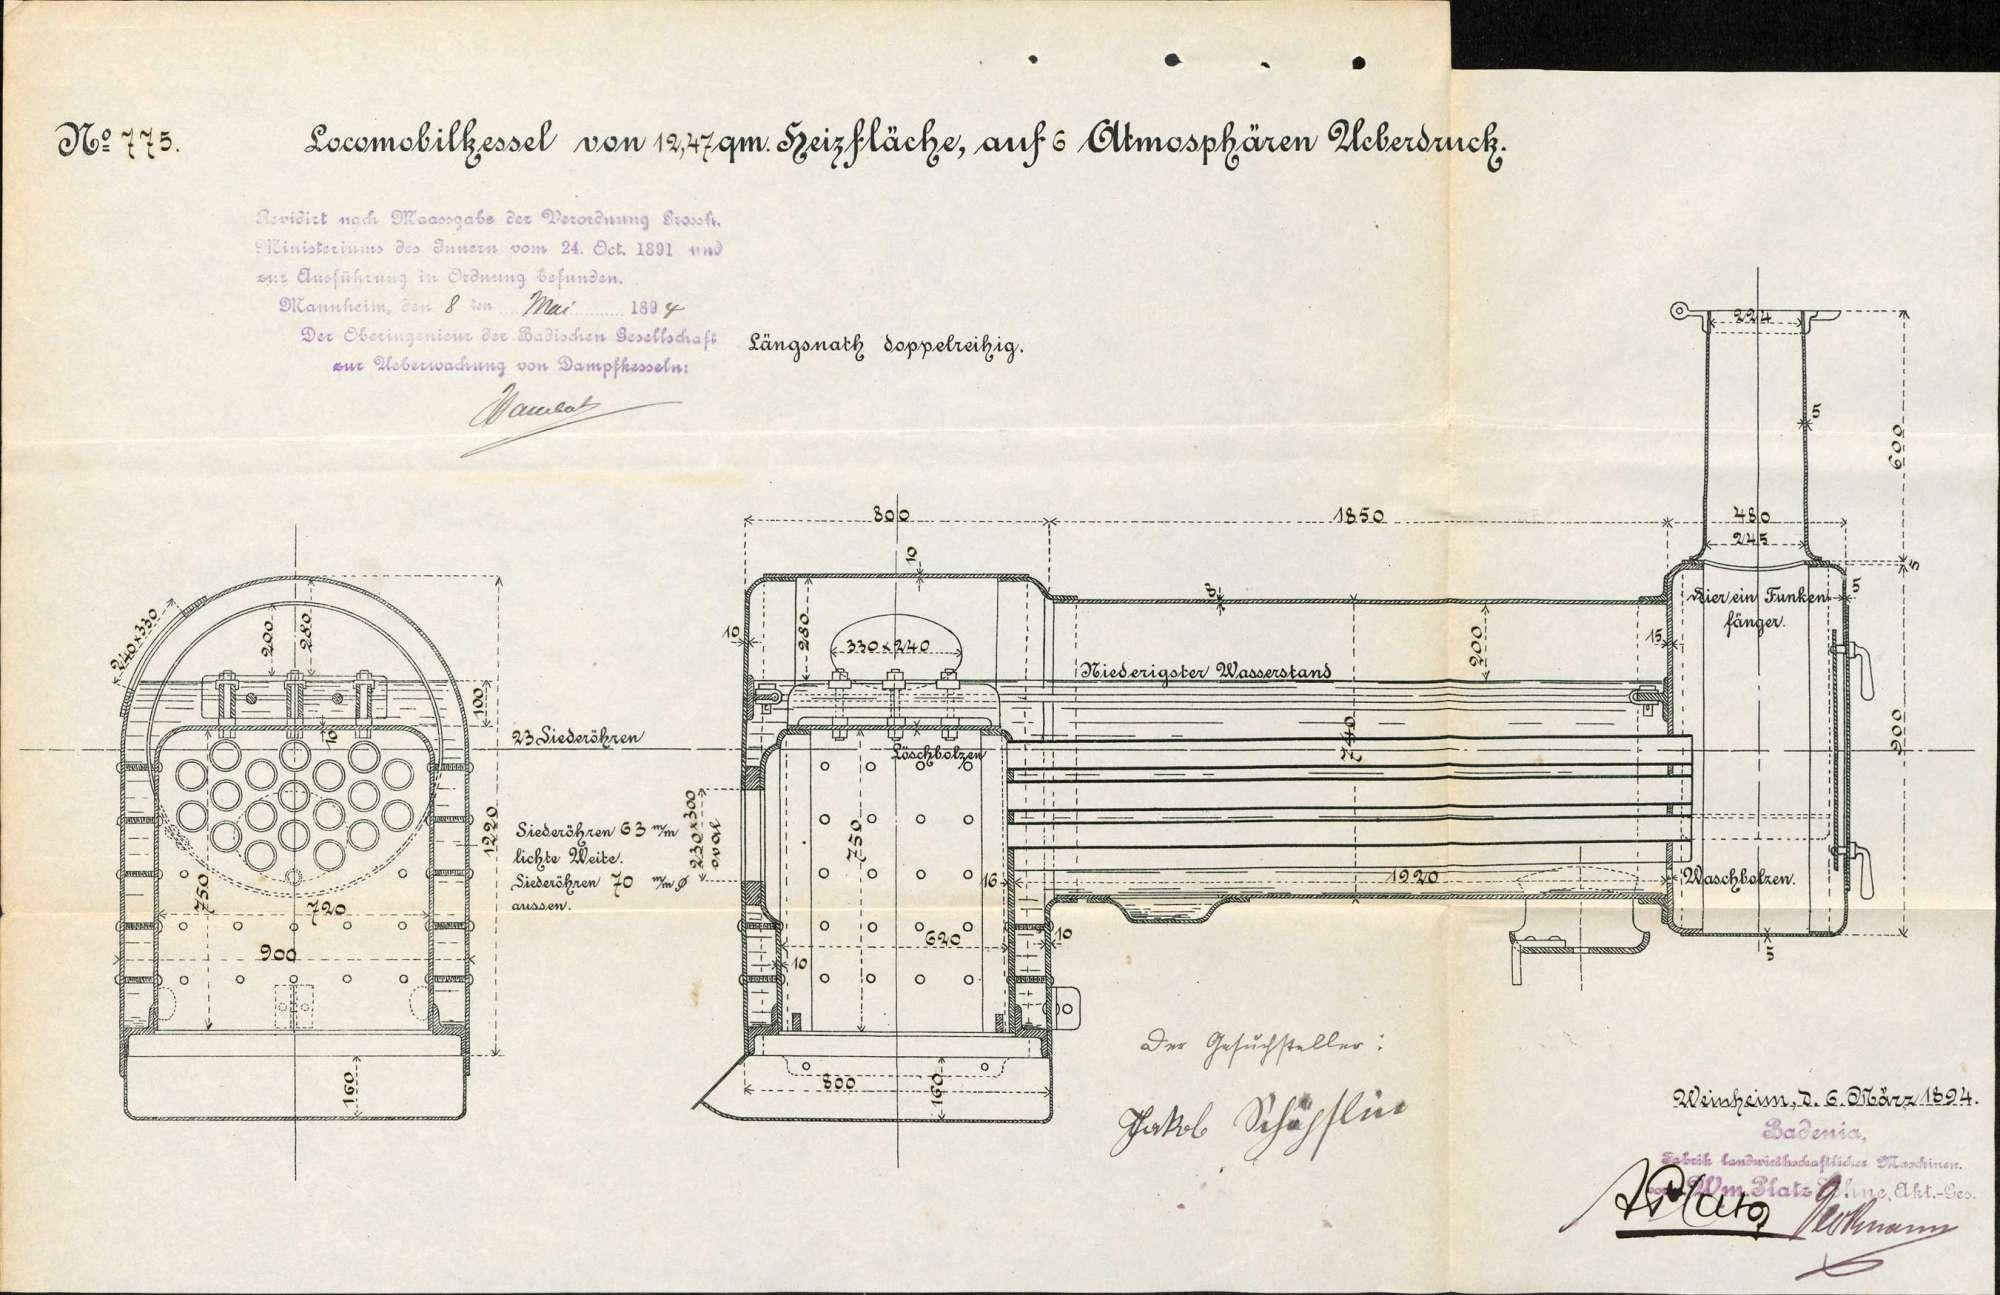 Gesuch des Jakob Schöpflin in Hauingen-Rechberg um Erlaubnis zur Anlegung eines Dampfkessels in einer Sägemühle, Bild 3